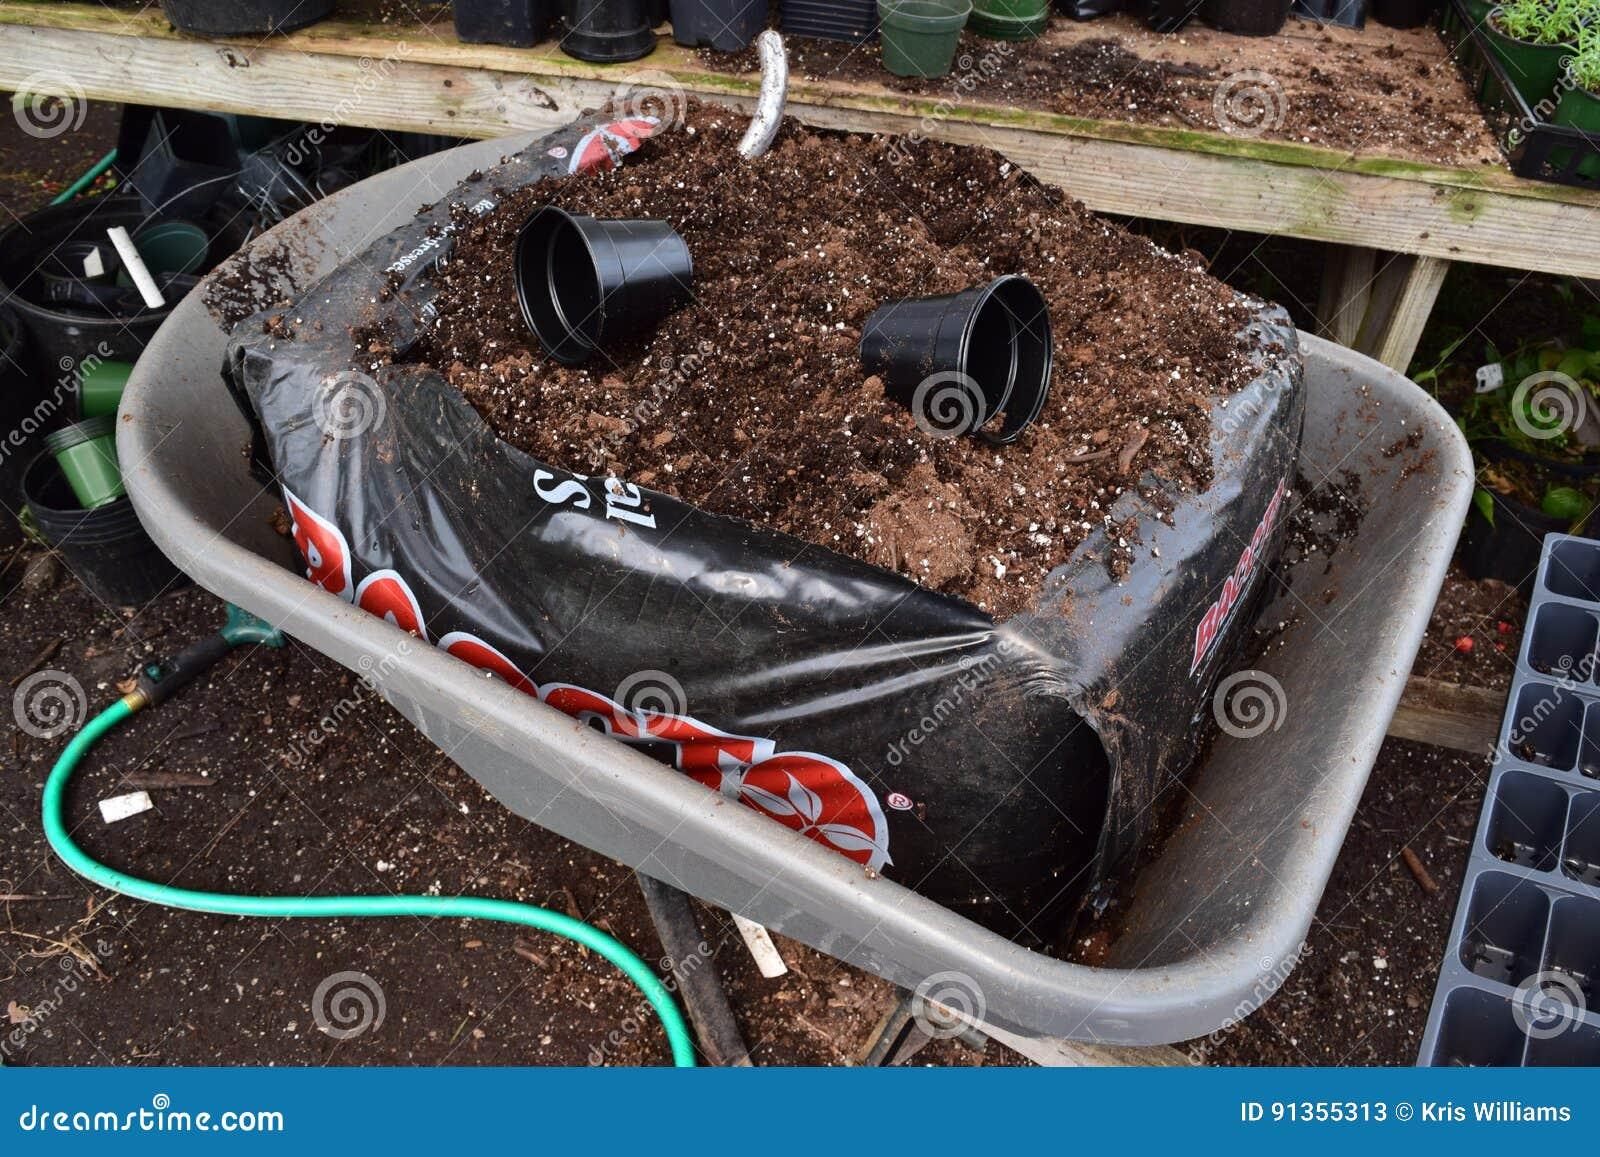 Dirt bag in a wheelbarrow